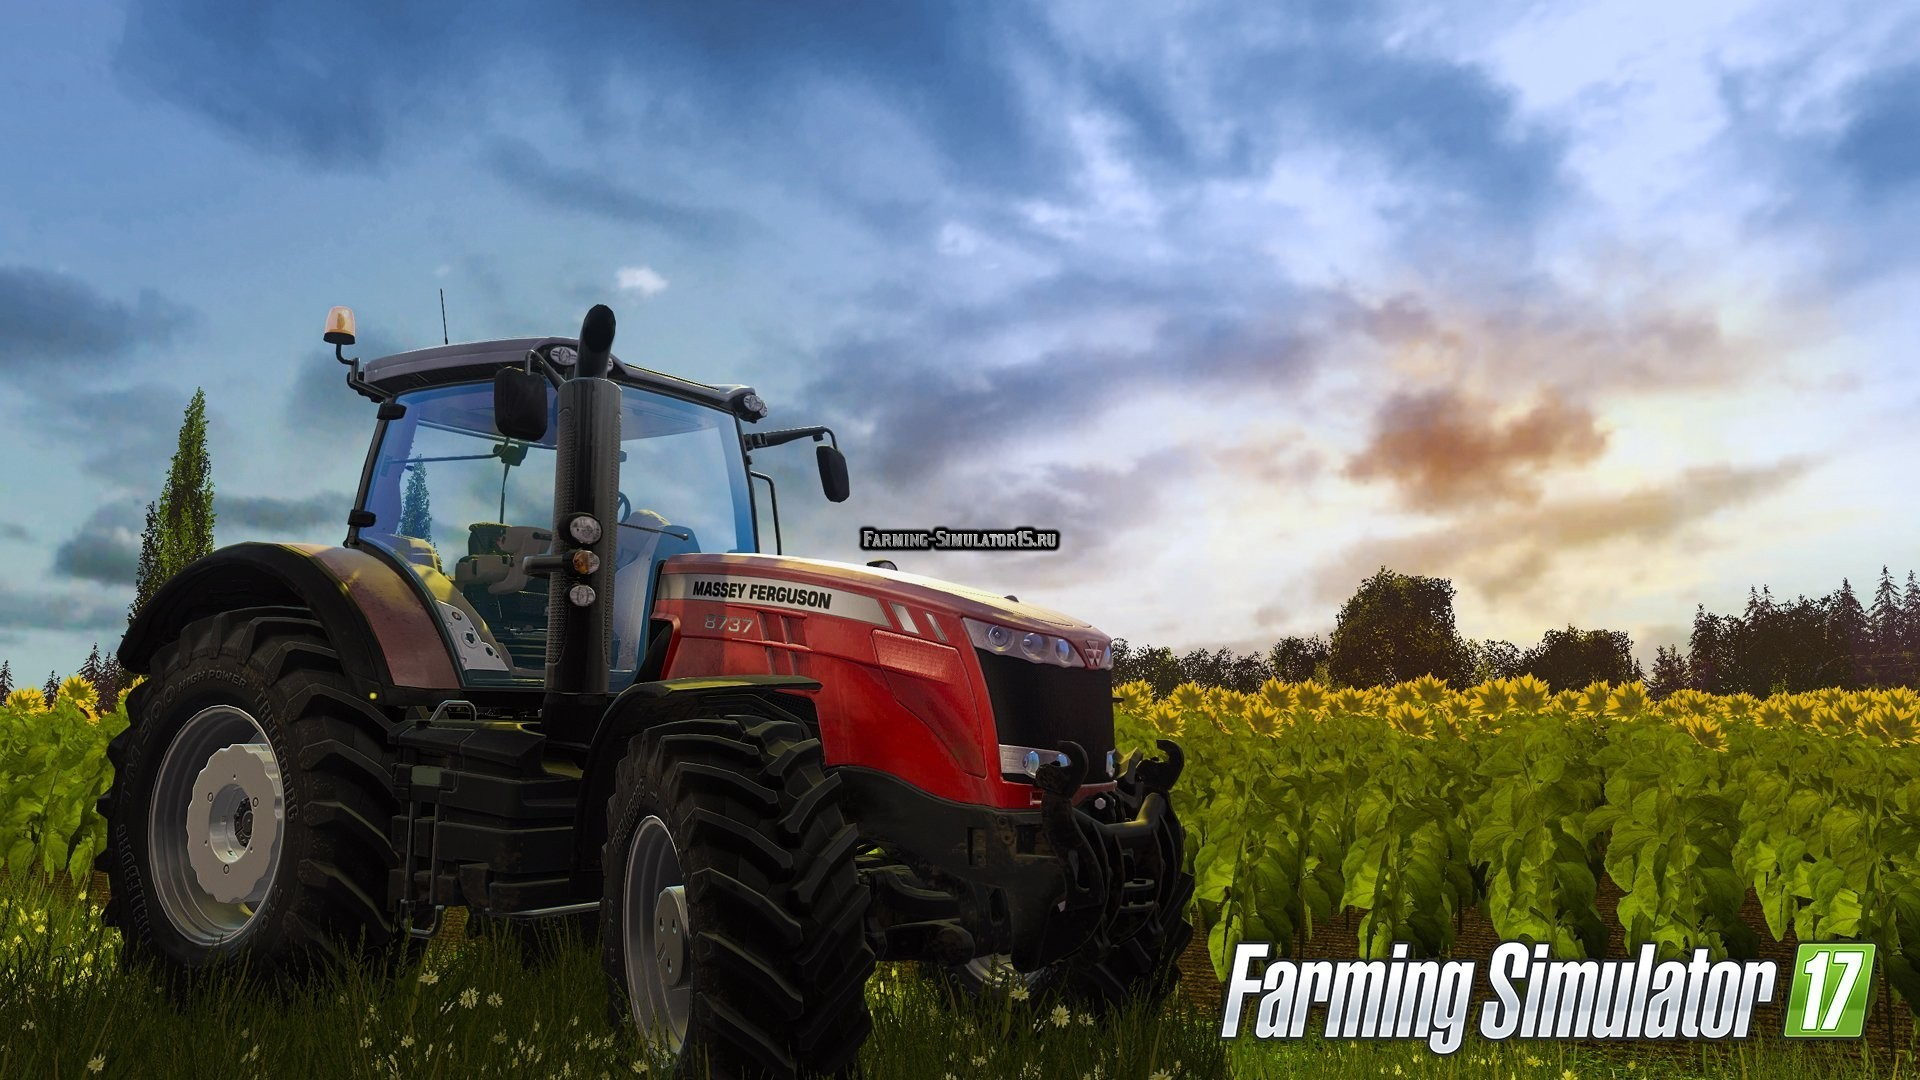 Анонсирован выход игры Farming Simulator 17 на PC и консолях в этом году